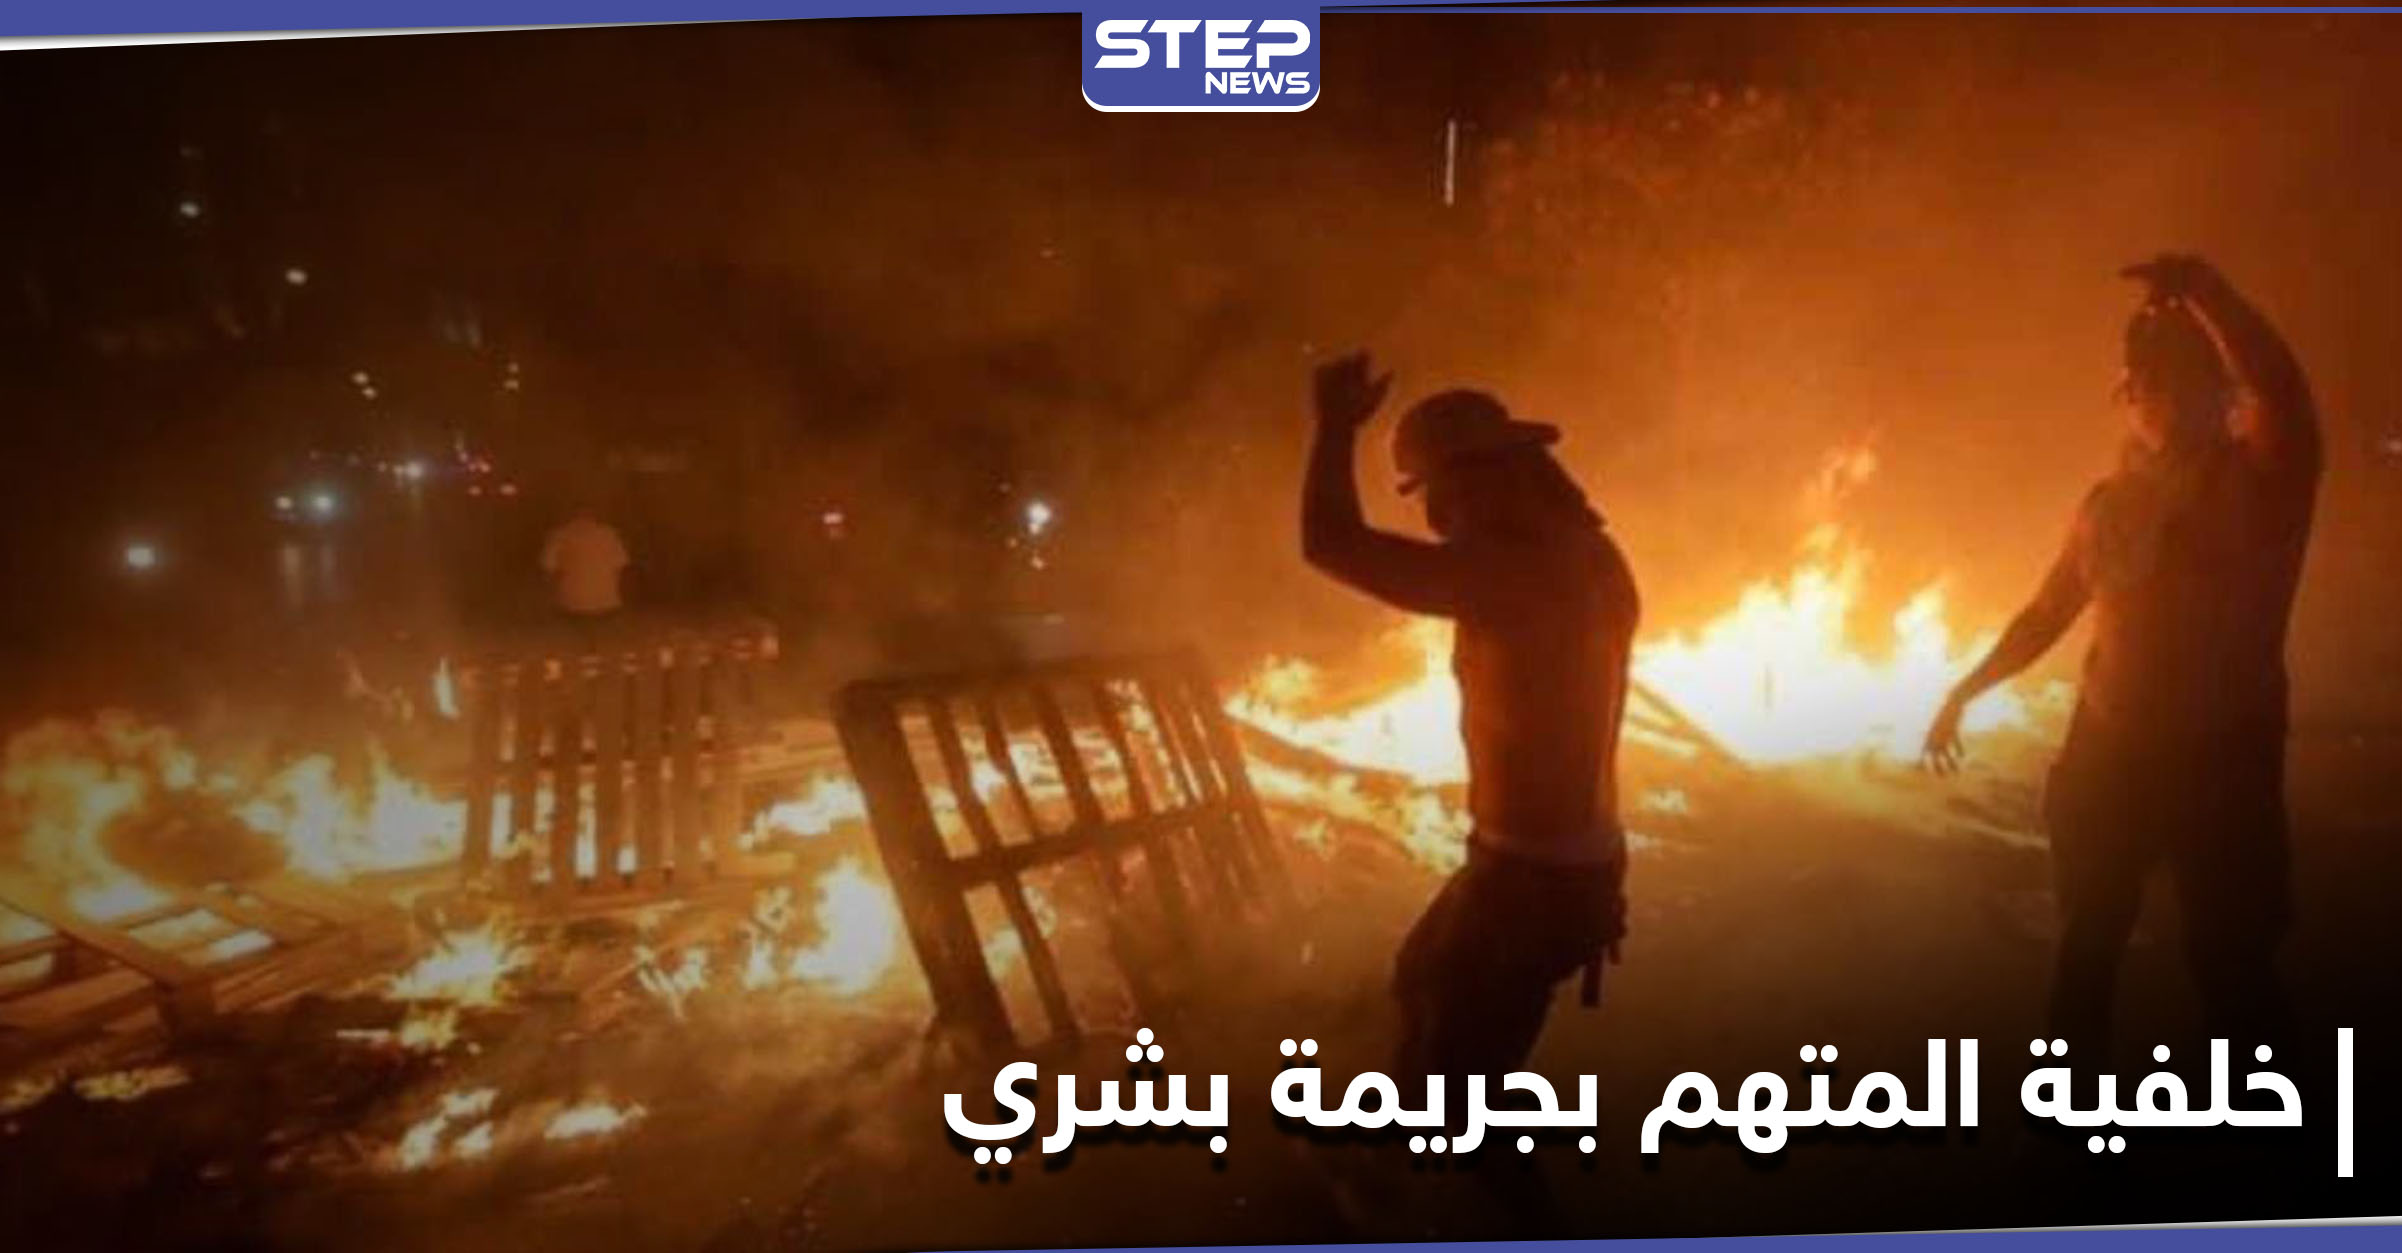 موقع لبناني يكشف خلفية المتهم بجريمة بشري